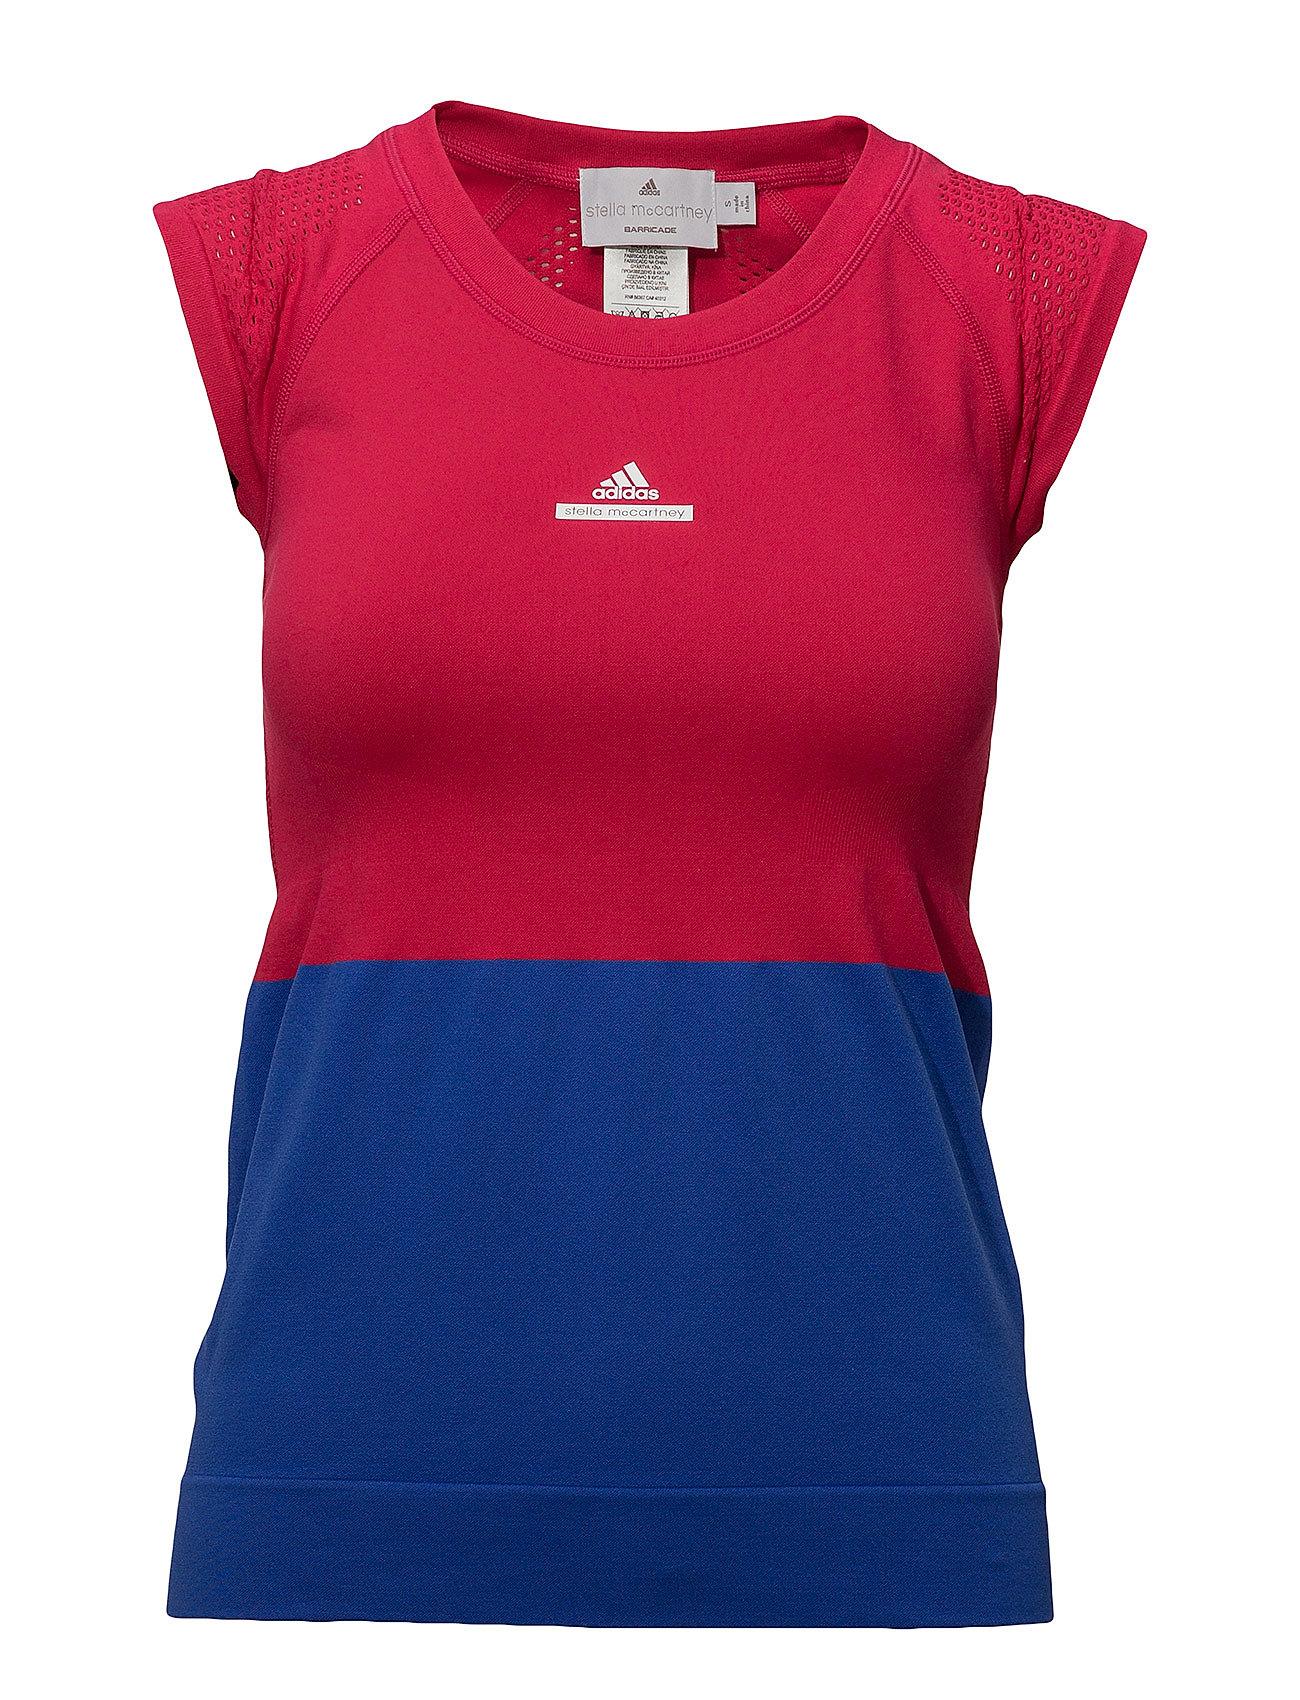 adidas Tennis STELLA MCCARTNEY TEE - 041/SOLID GREY/